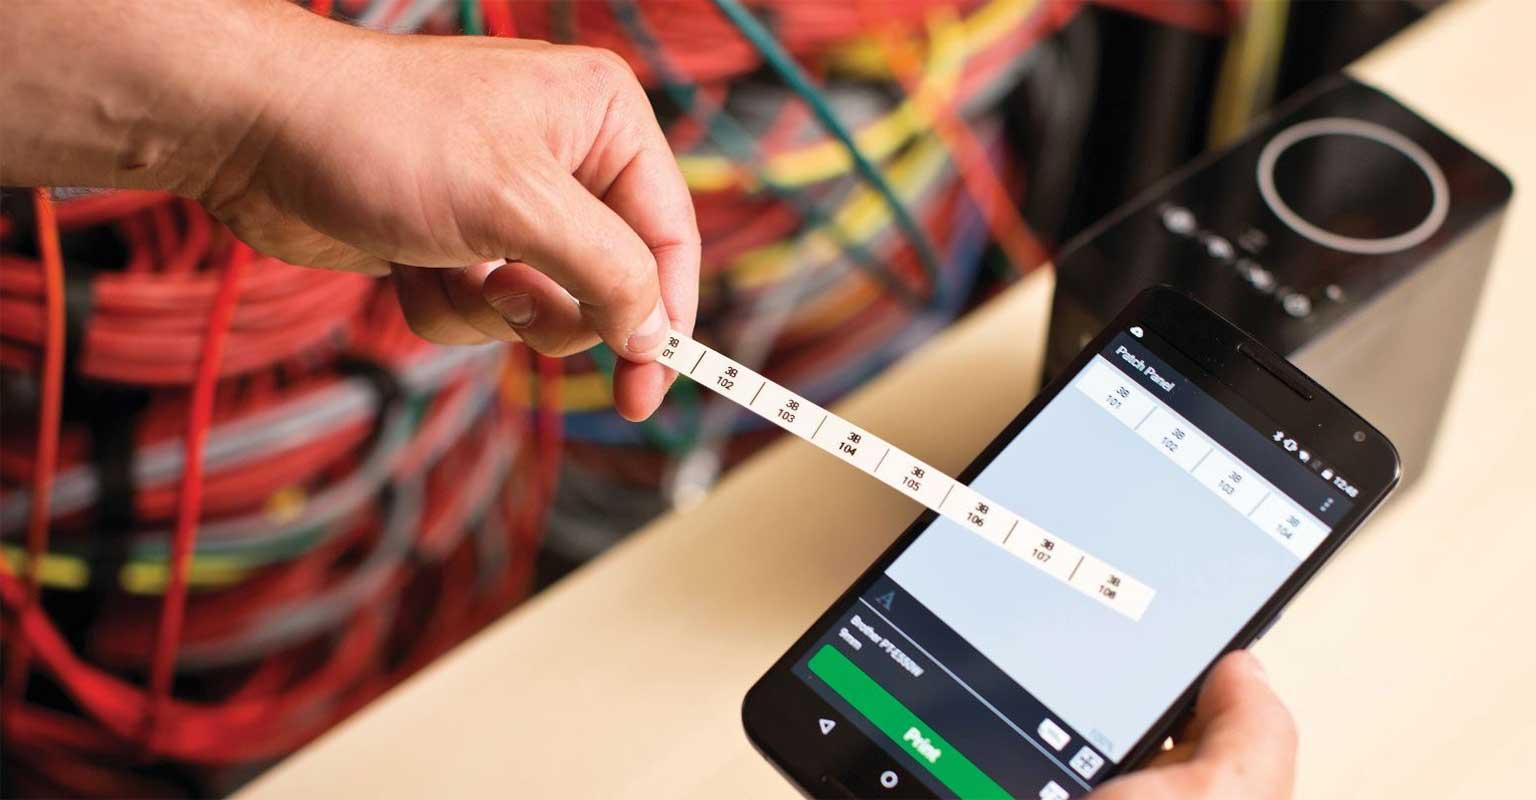 Aplikacija Cable Label Tool na pametnem telefonu z natisnjeno nalepko na Brother P-touch